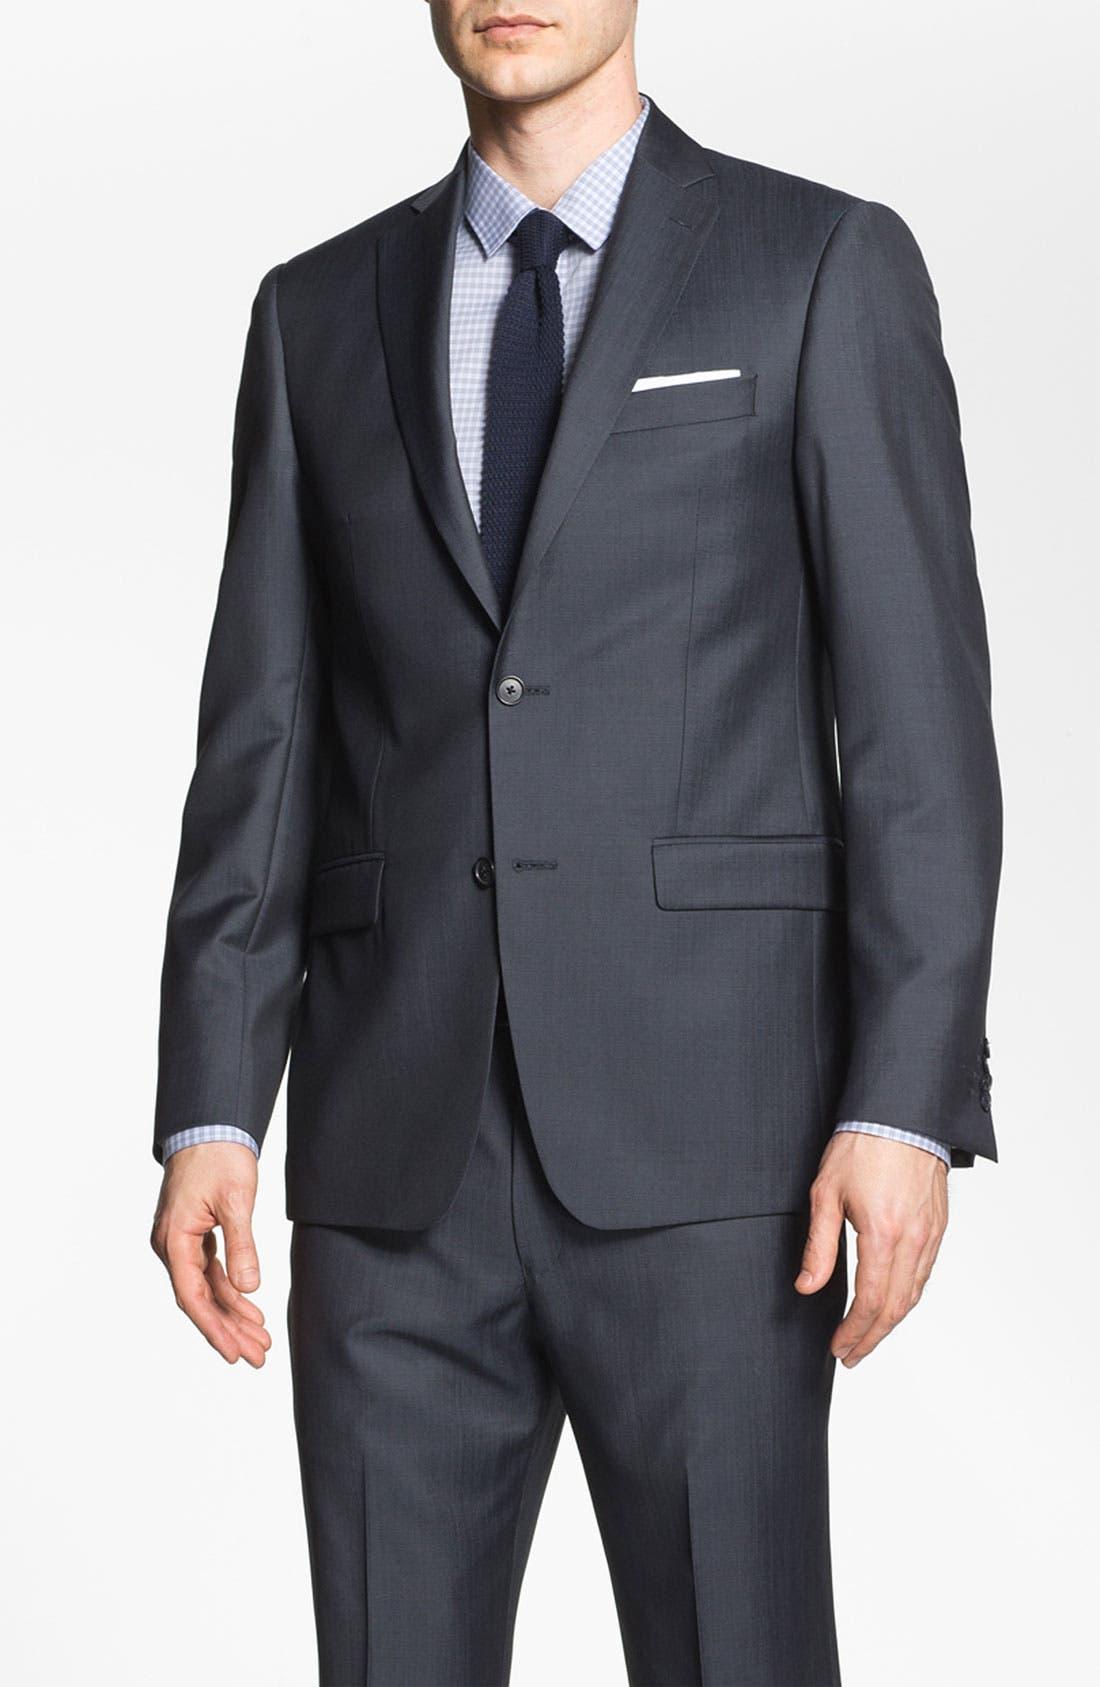 Main Image - Michael Kors Trim Fit Twill Suit